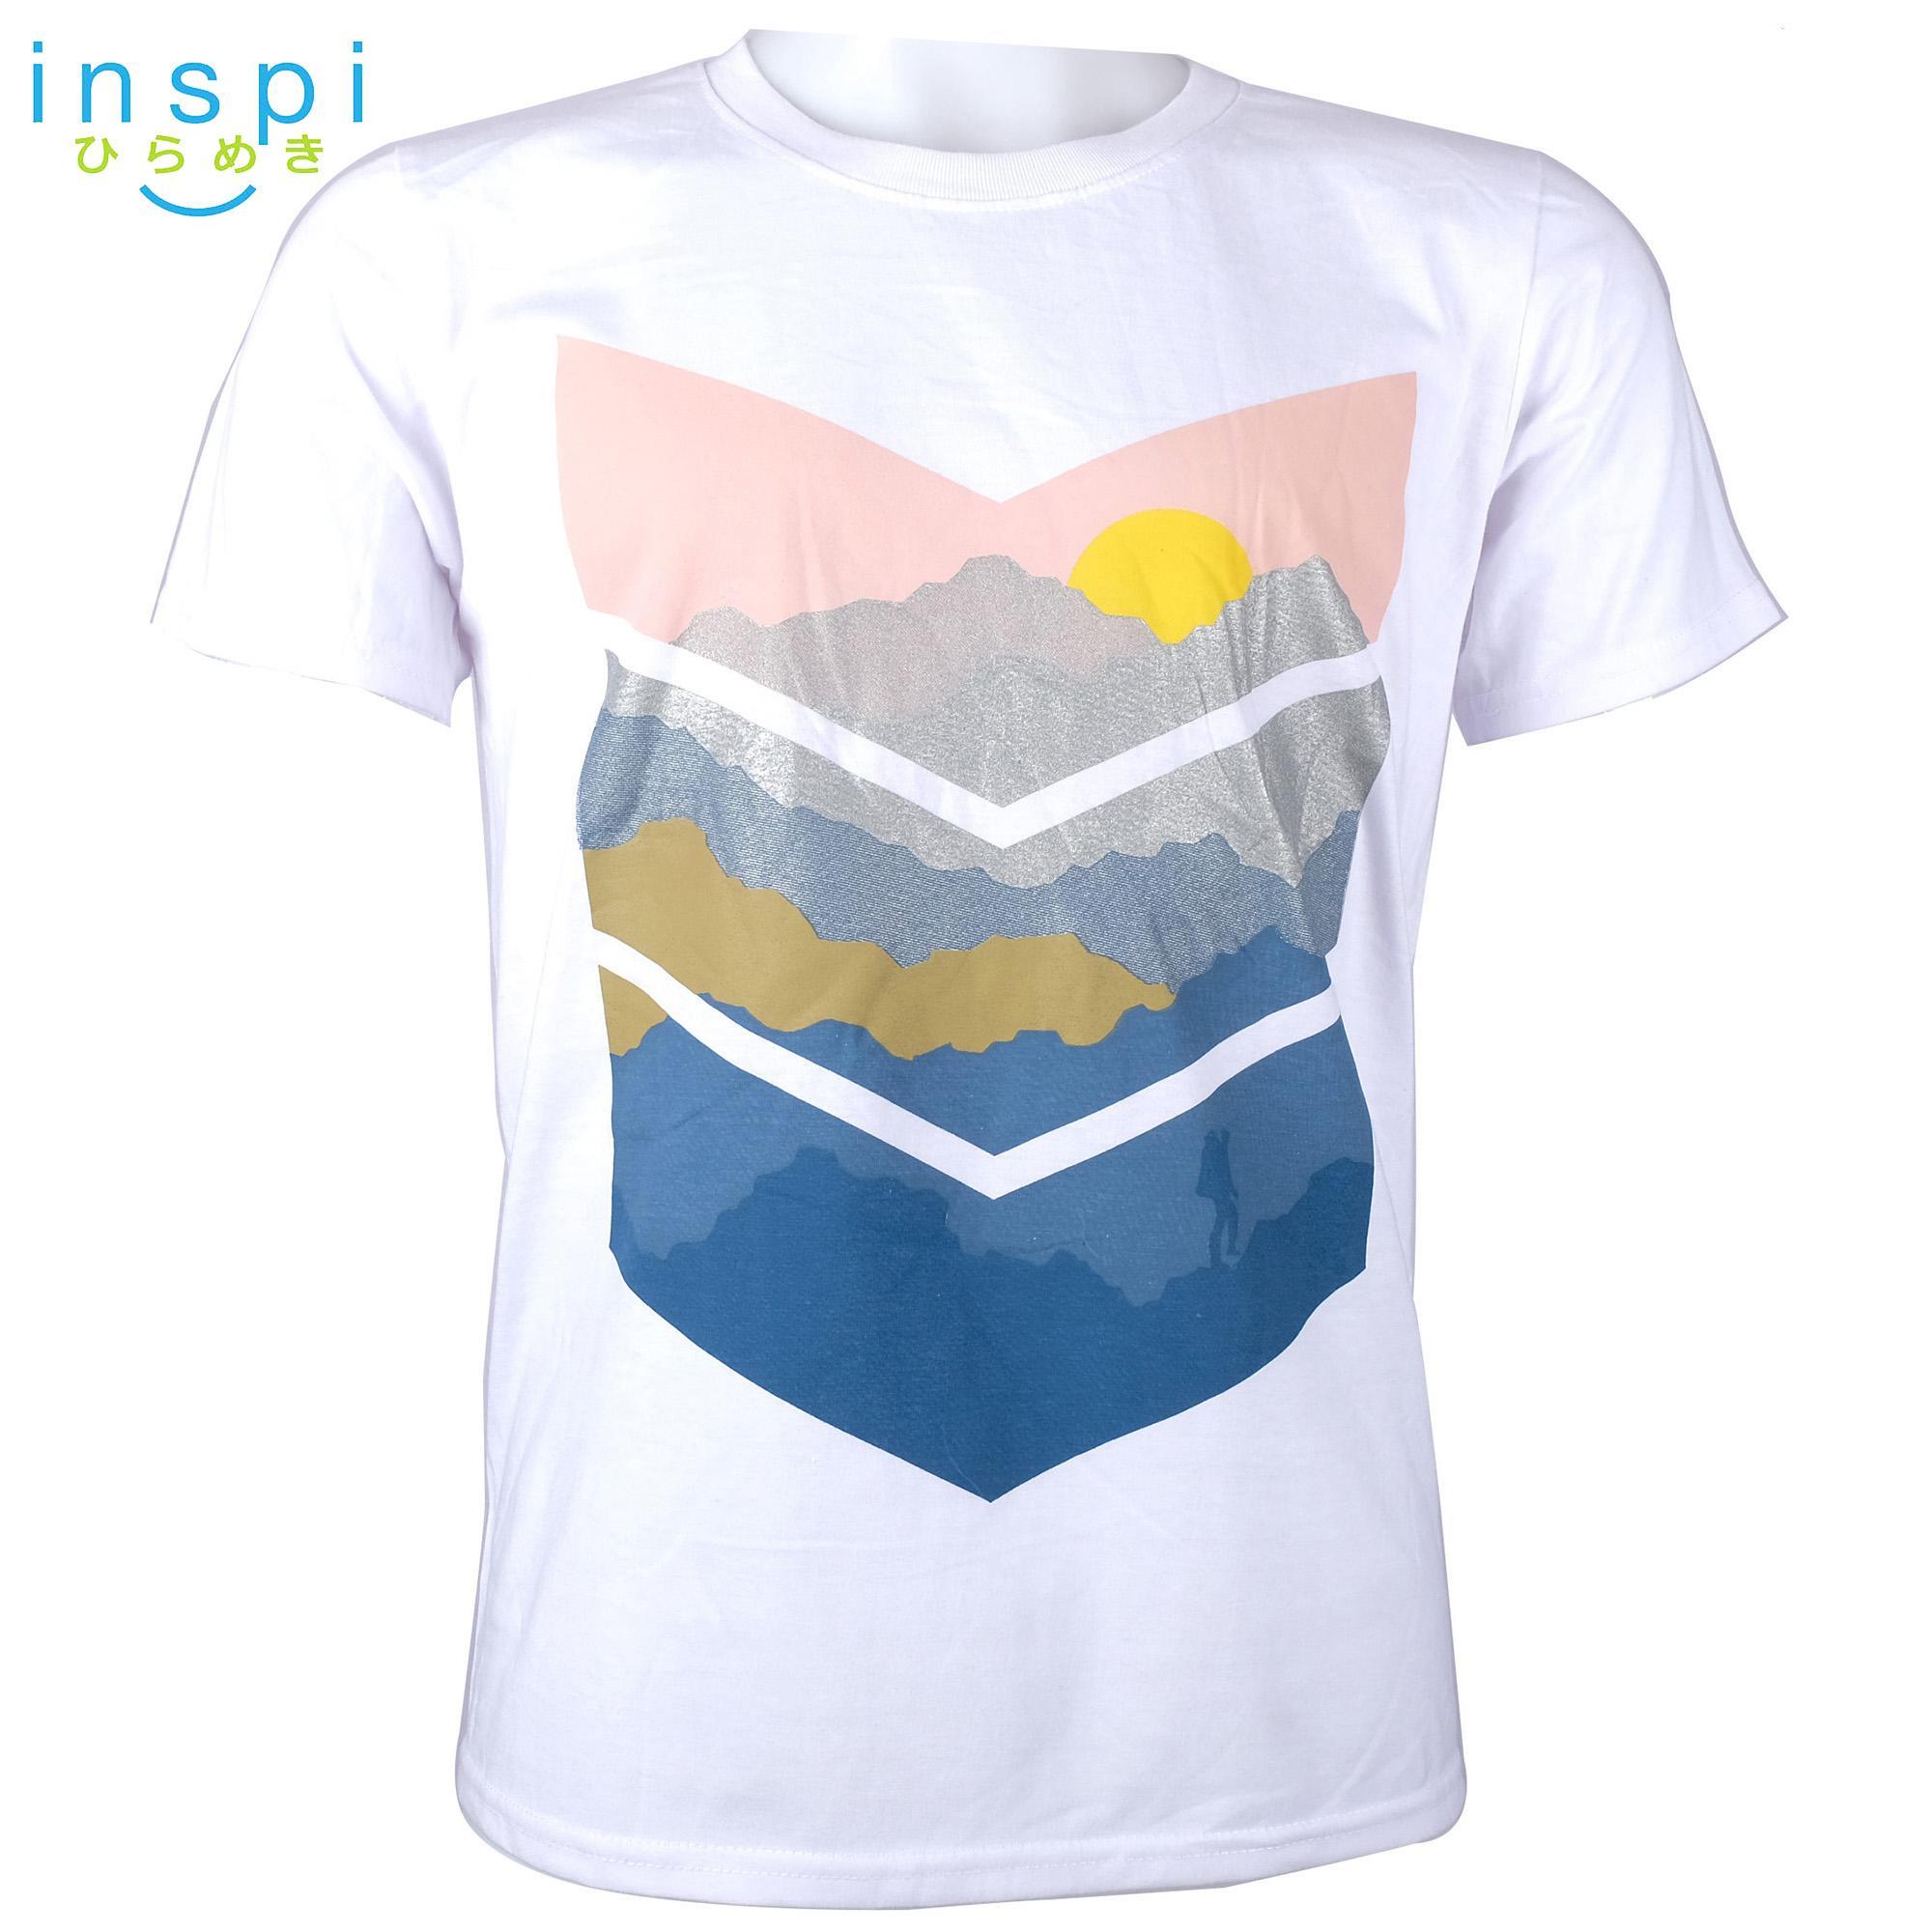 T Shirt Clothing For Men Sale Mens Online Kaos Polos Choco Solid Inspi Tees Hiking White Tshirt Graphic Tee Shirts Tshirts